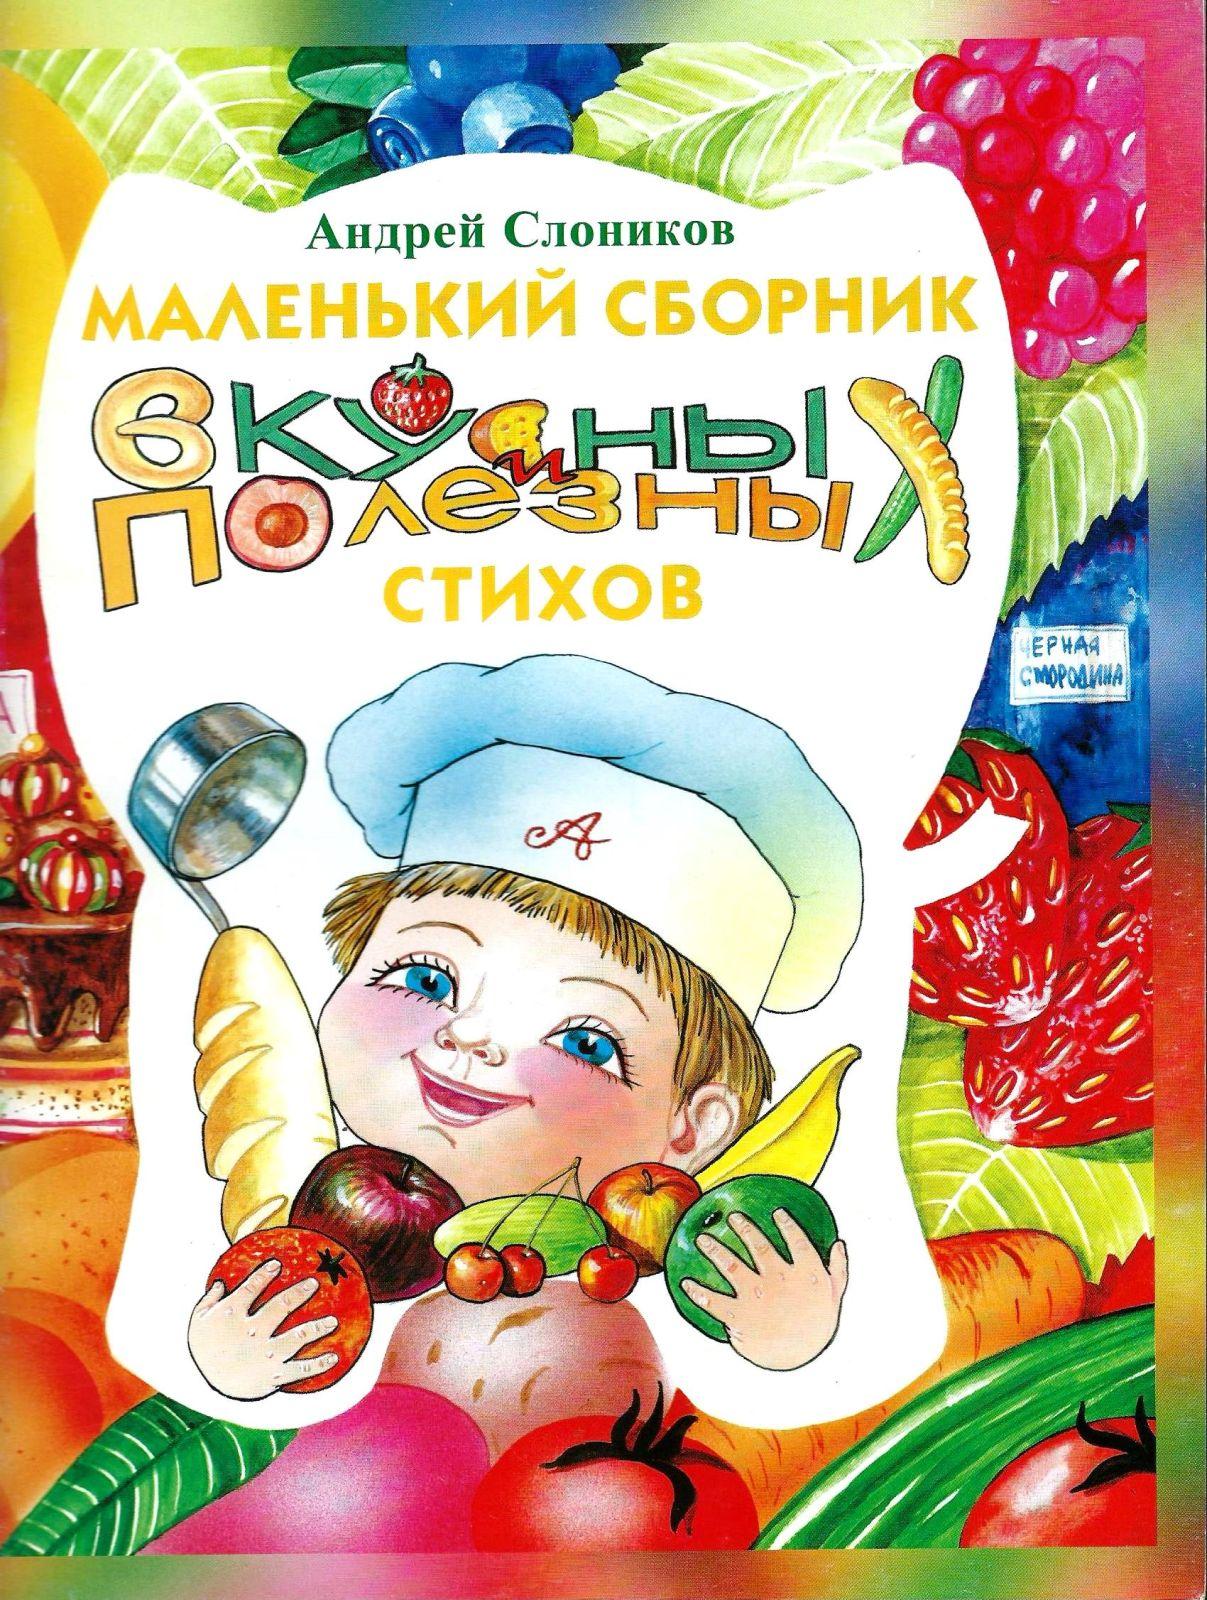 Детская книга «Маленький сборник вкусных и полезных стихов»